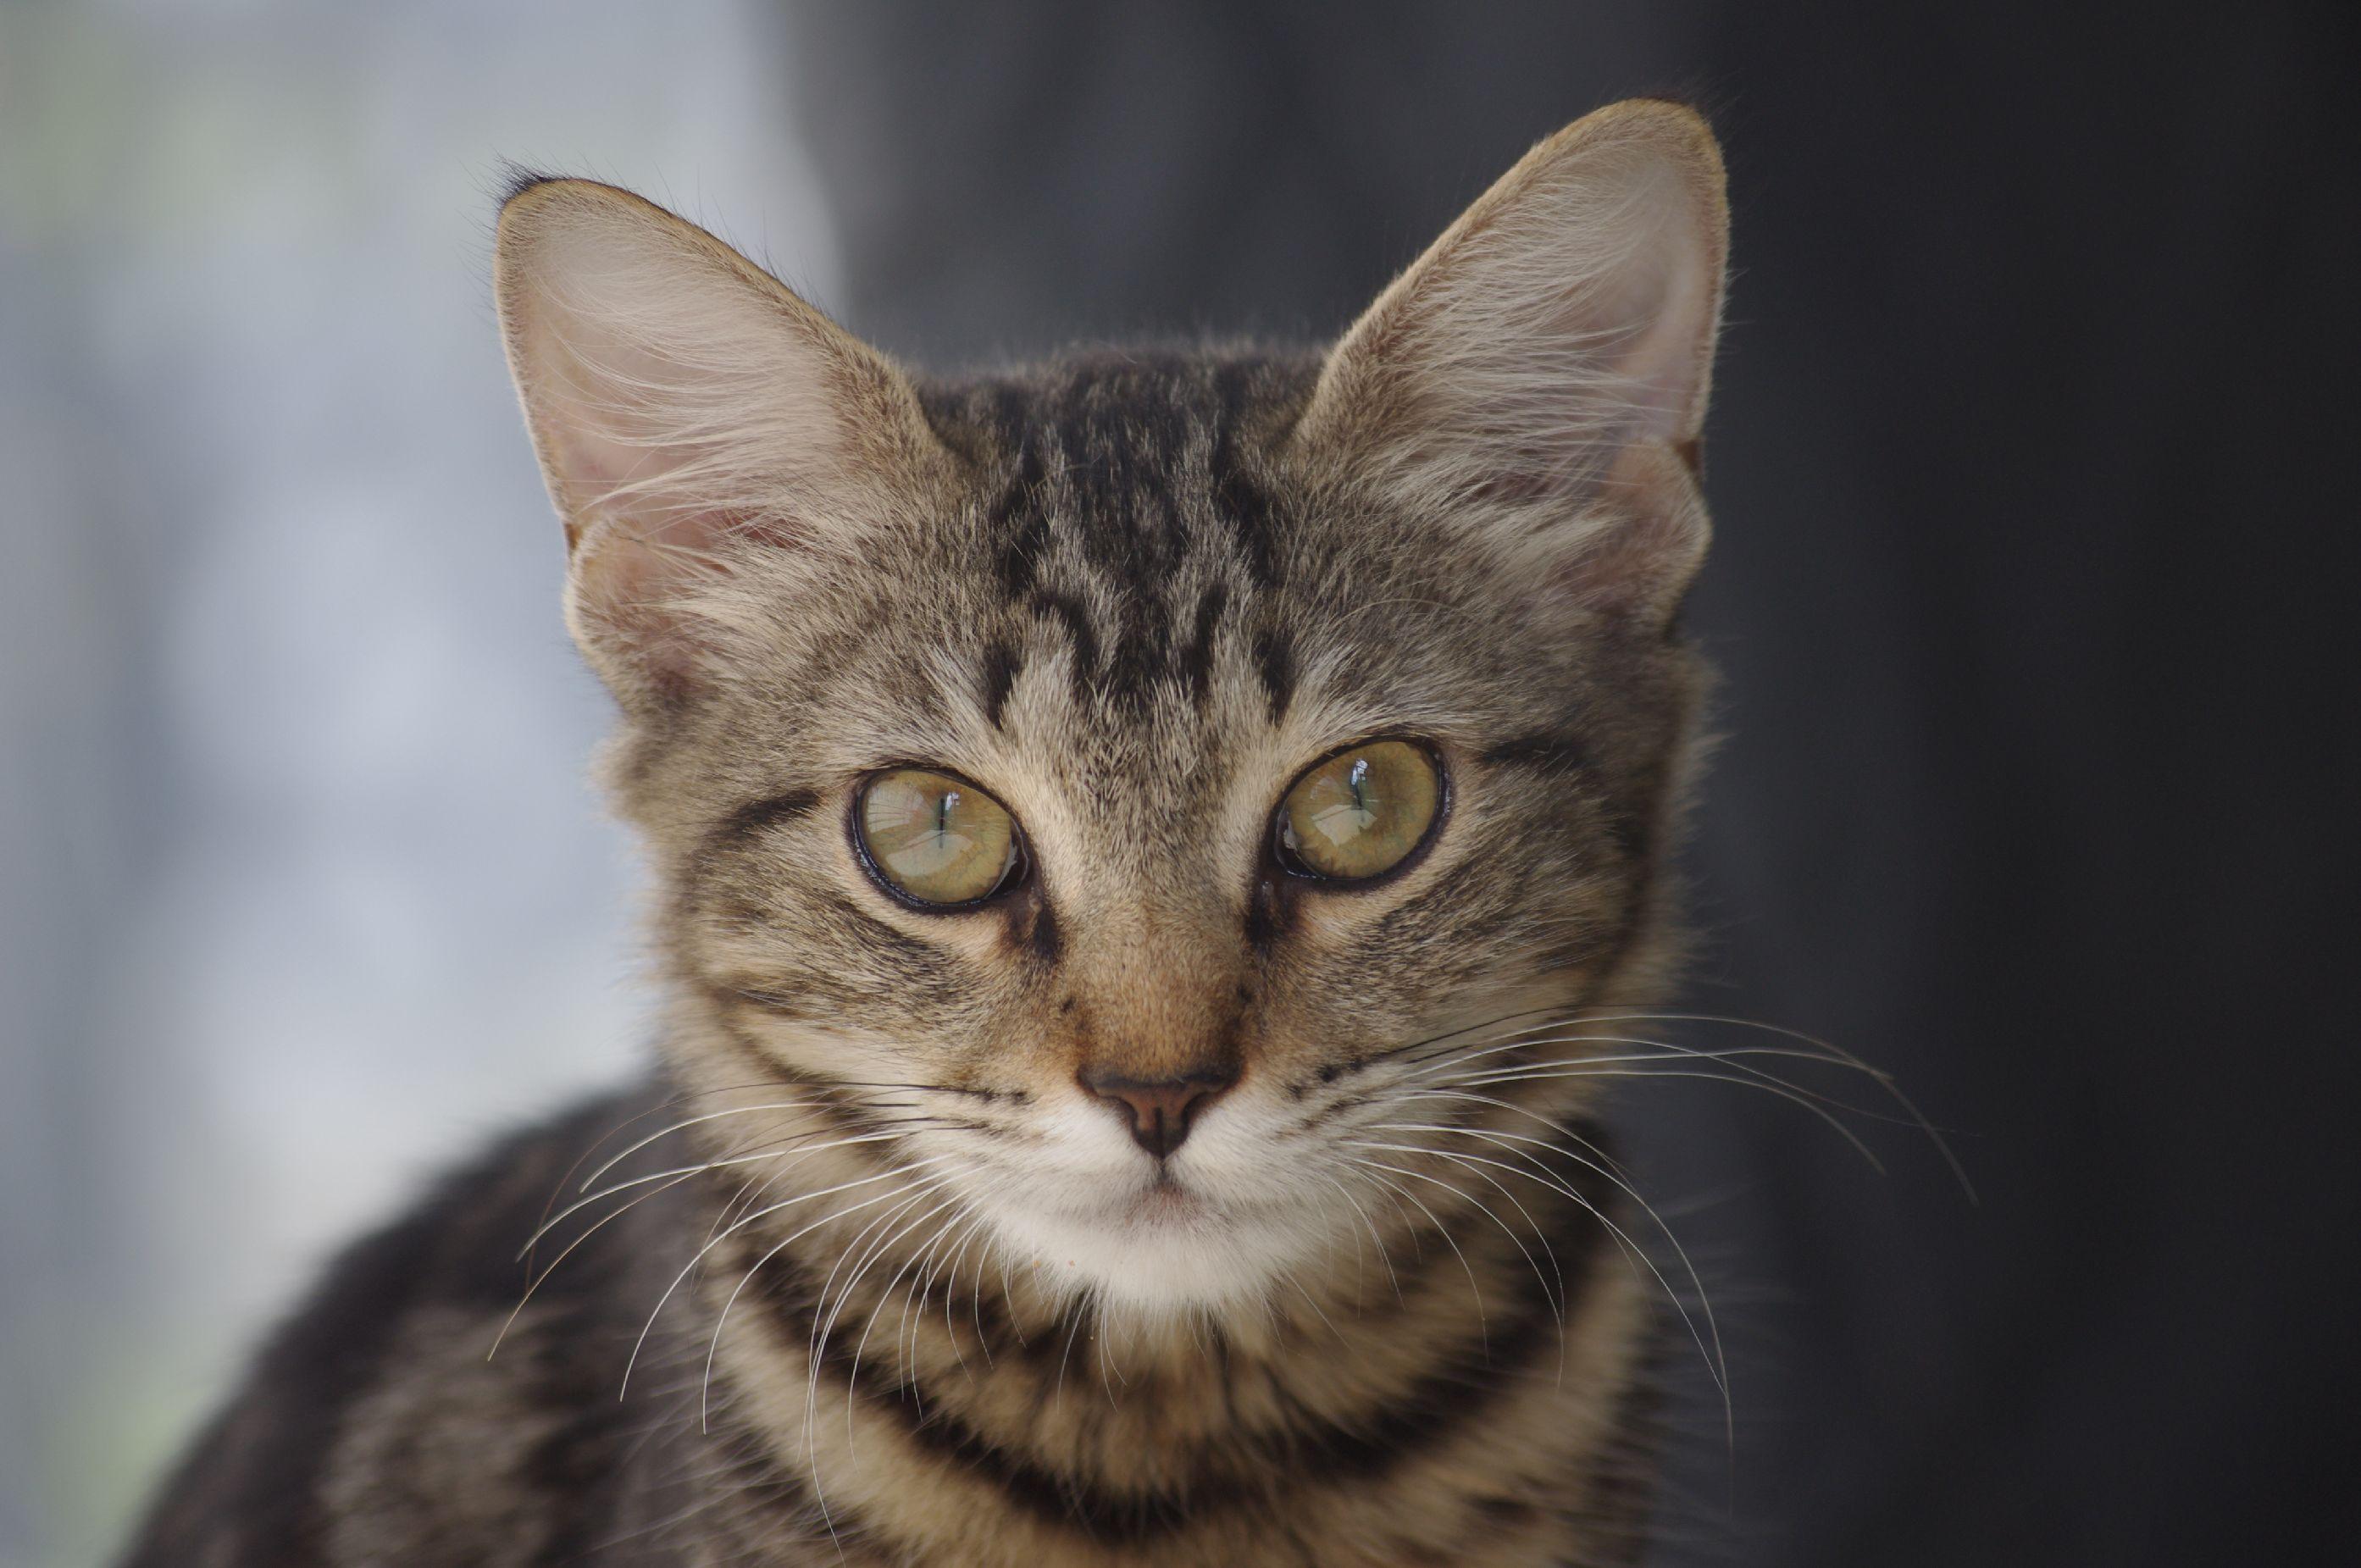 cat meow ashton morris